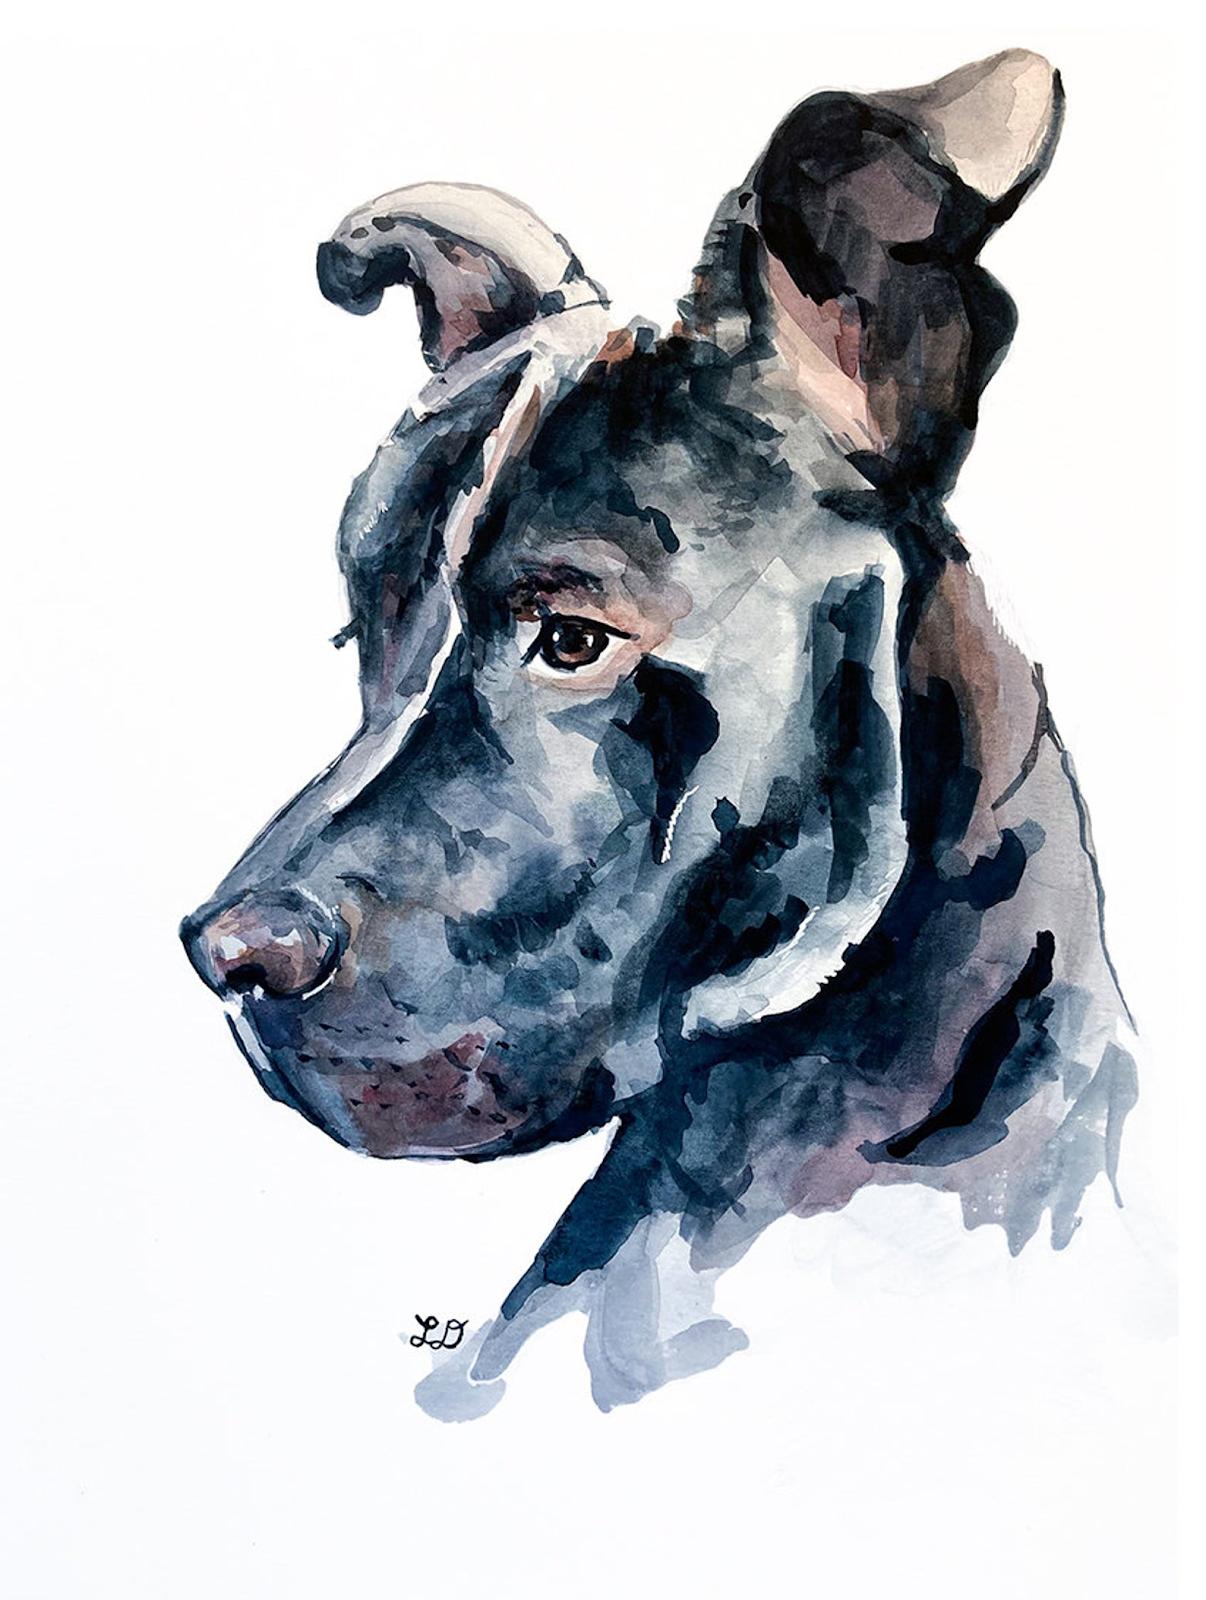 A watercolor portrait of a black Great Dane in profile